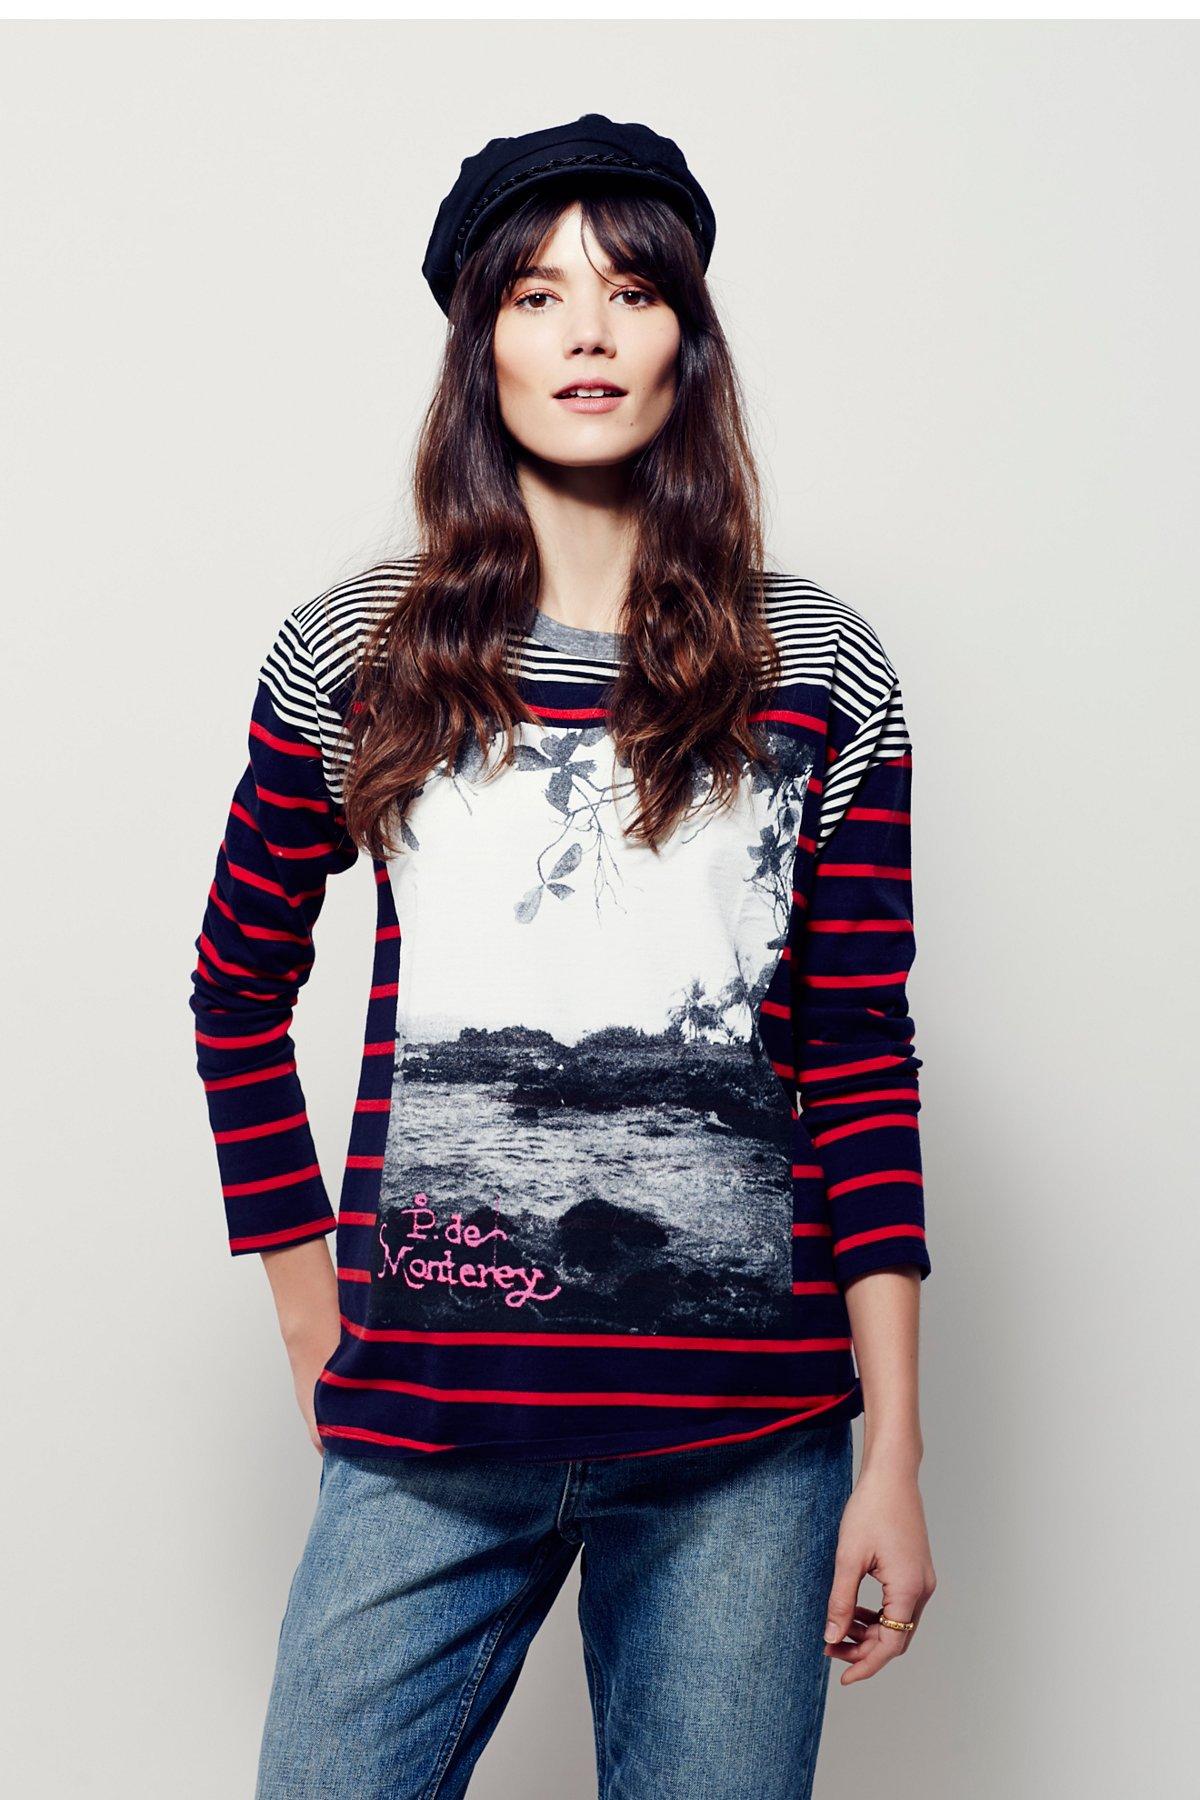 Monterey条纹T恤